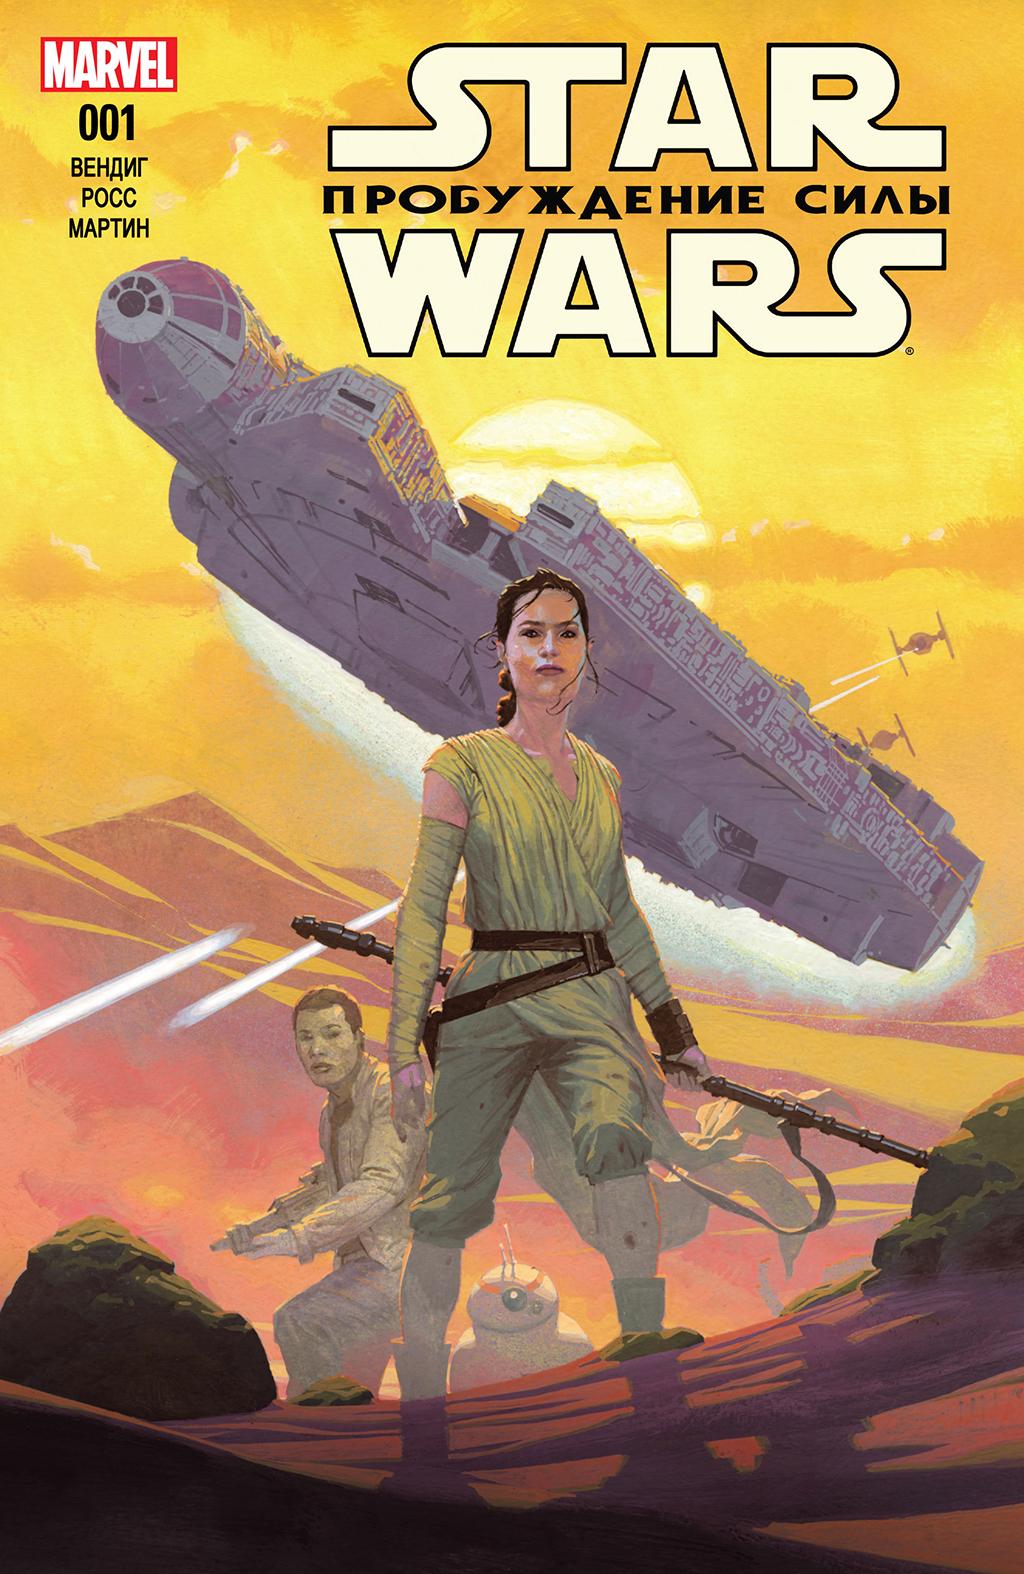 Комикс Звездные войны: Пробуждение Силы